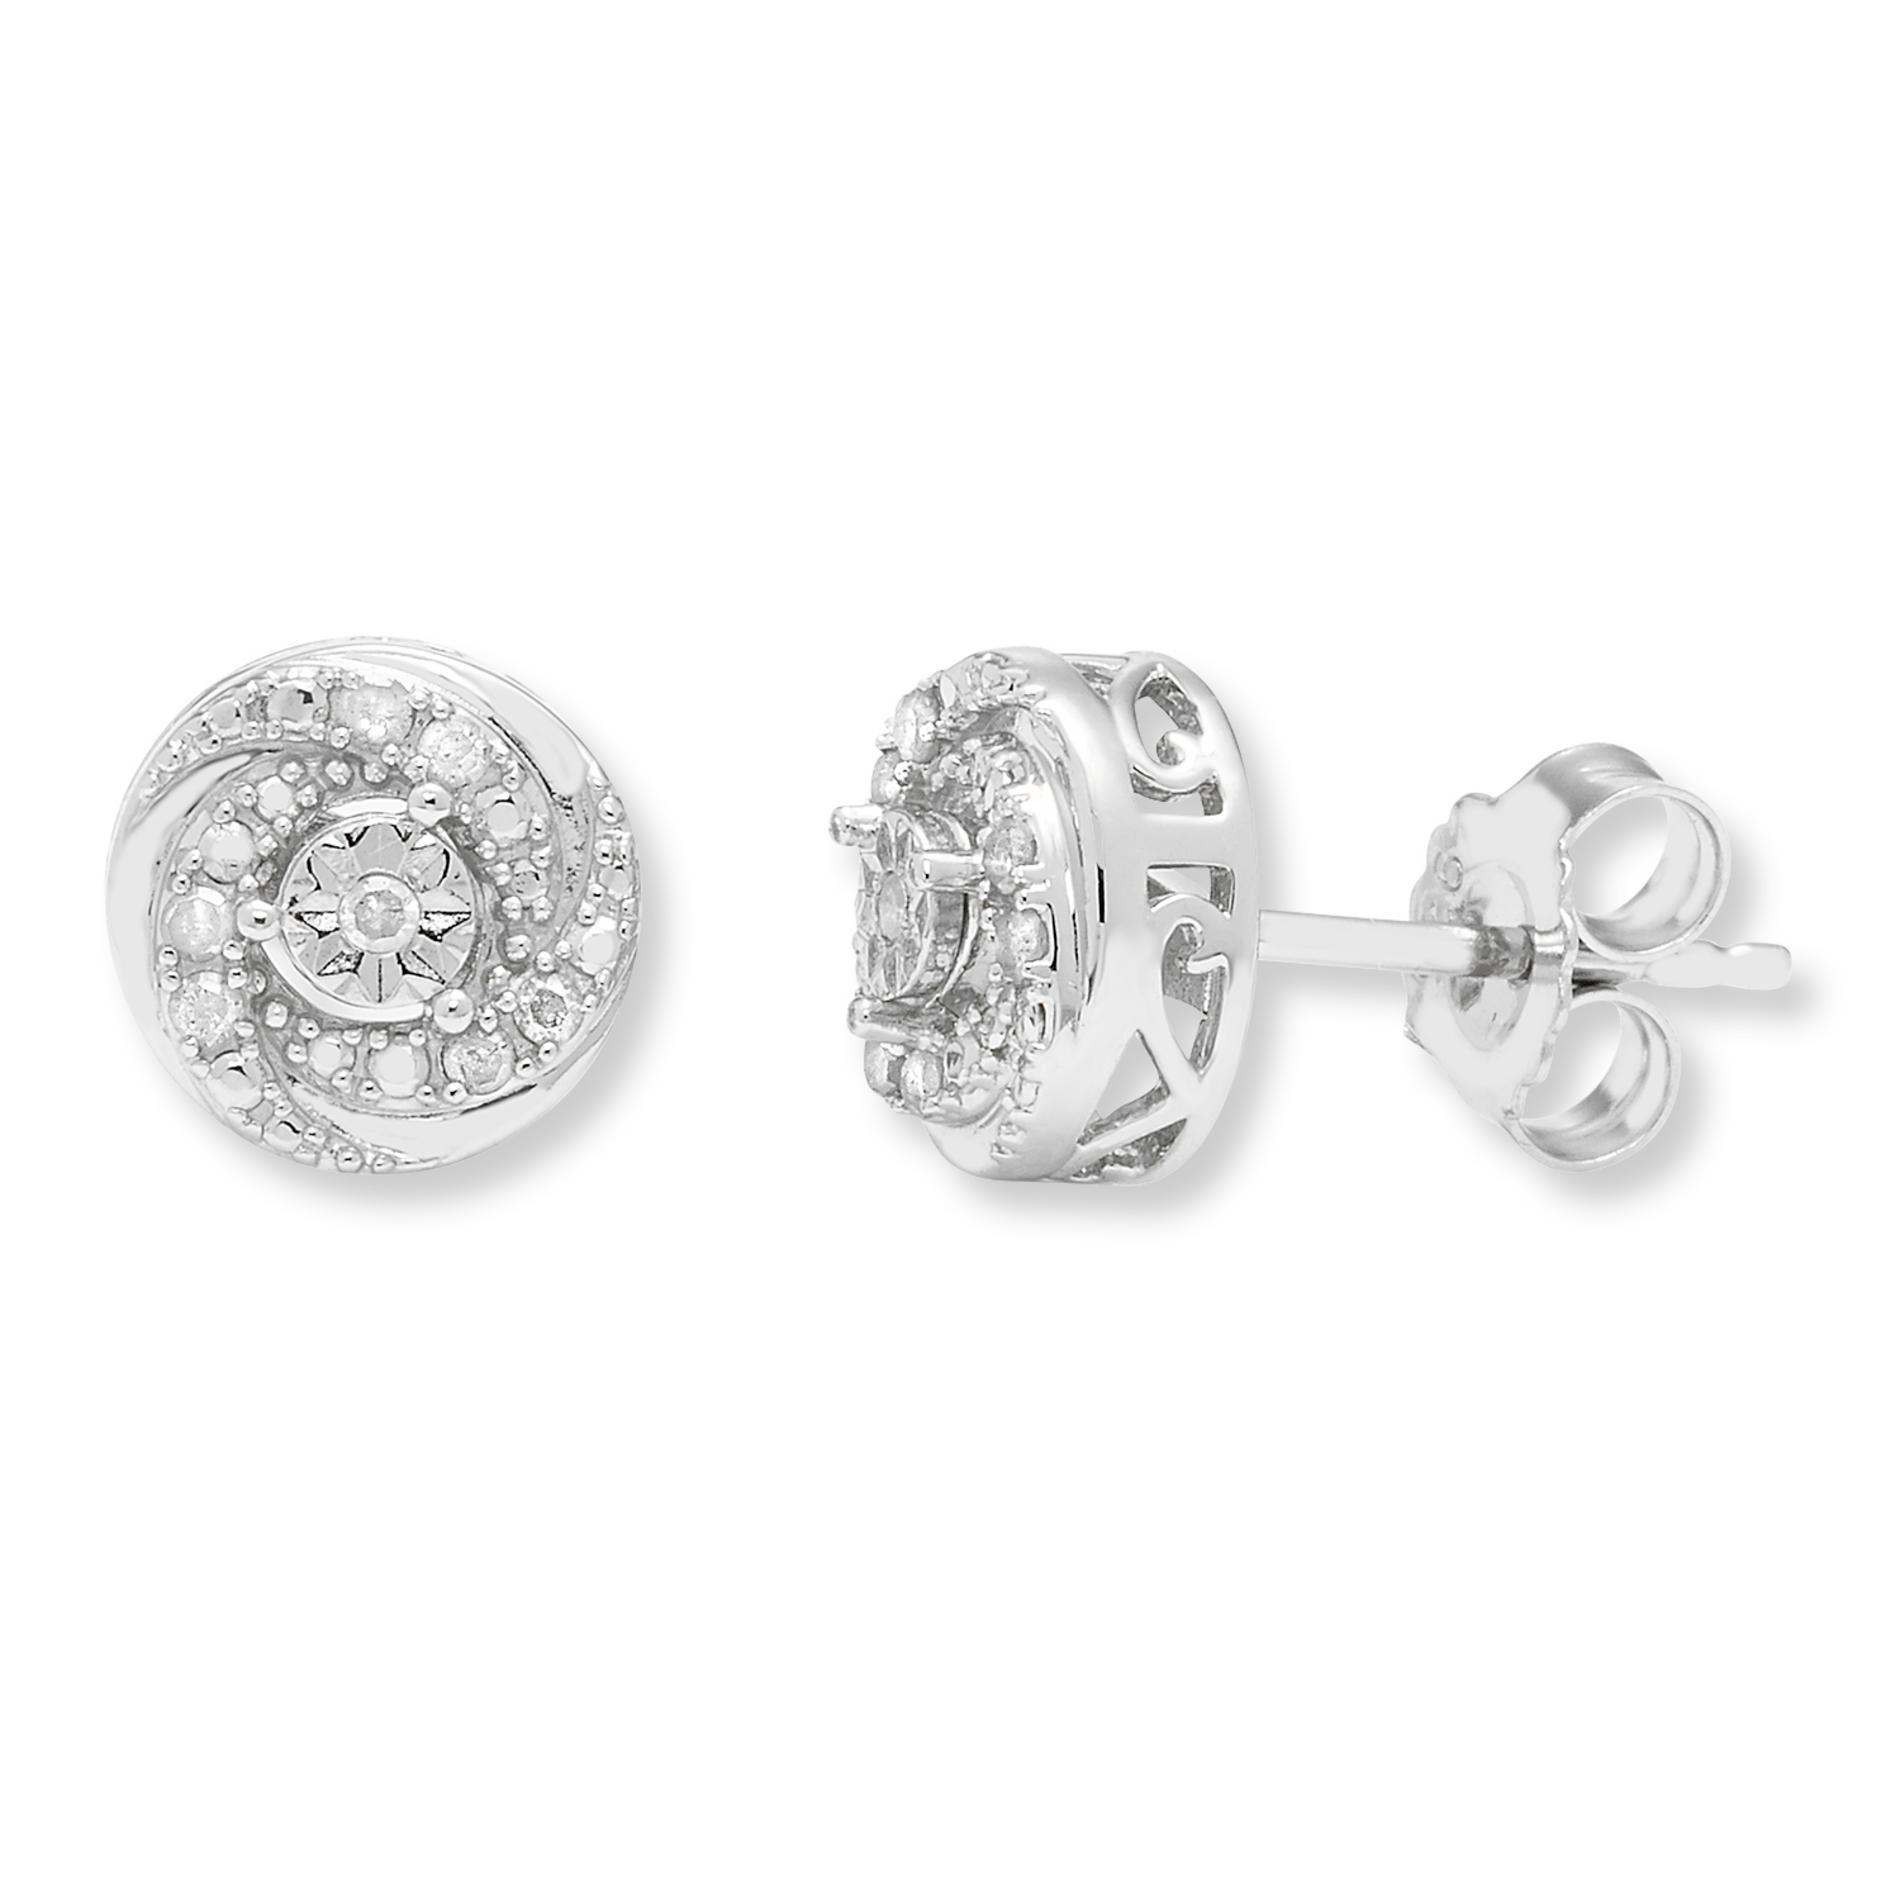 Sterling Silver 1/10 cttw. Diamond Stud Earrings